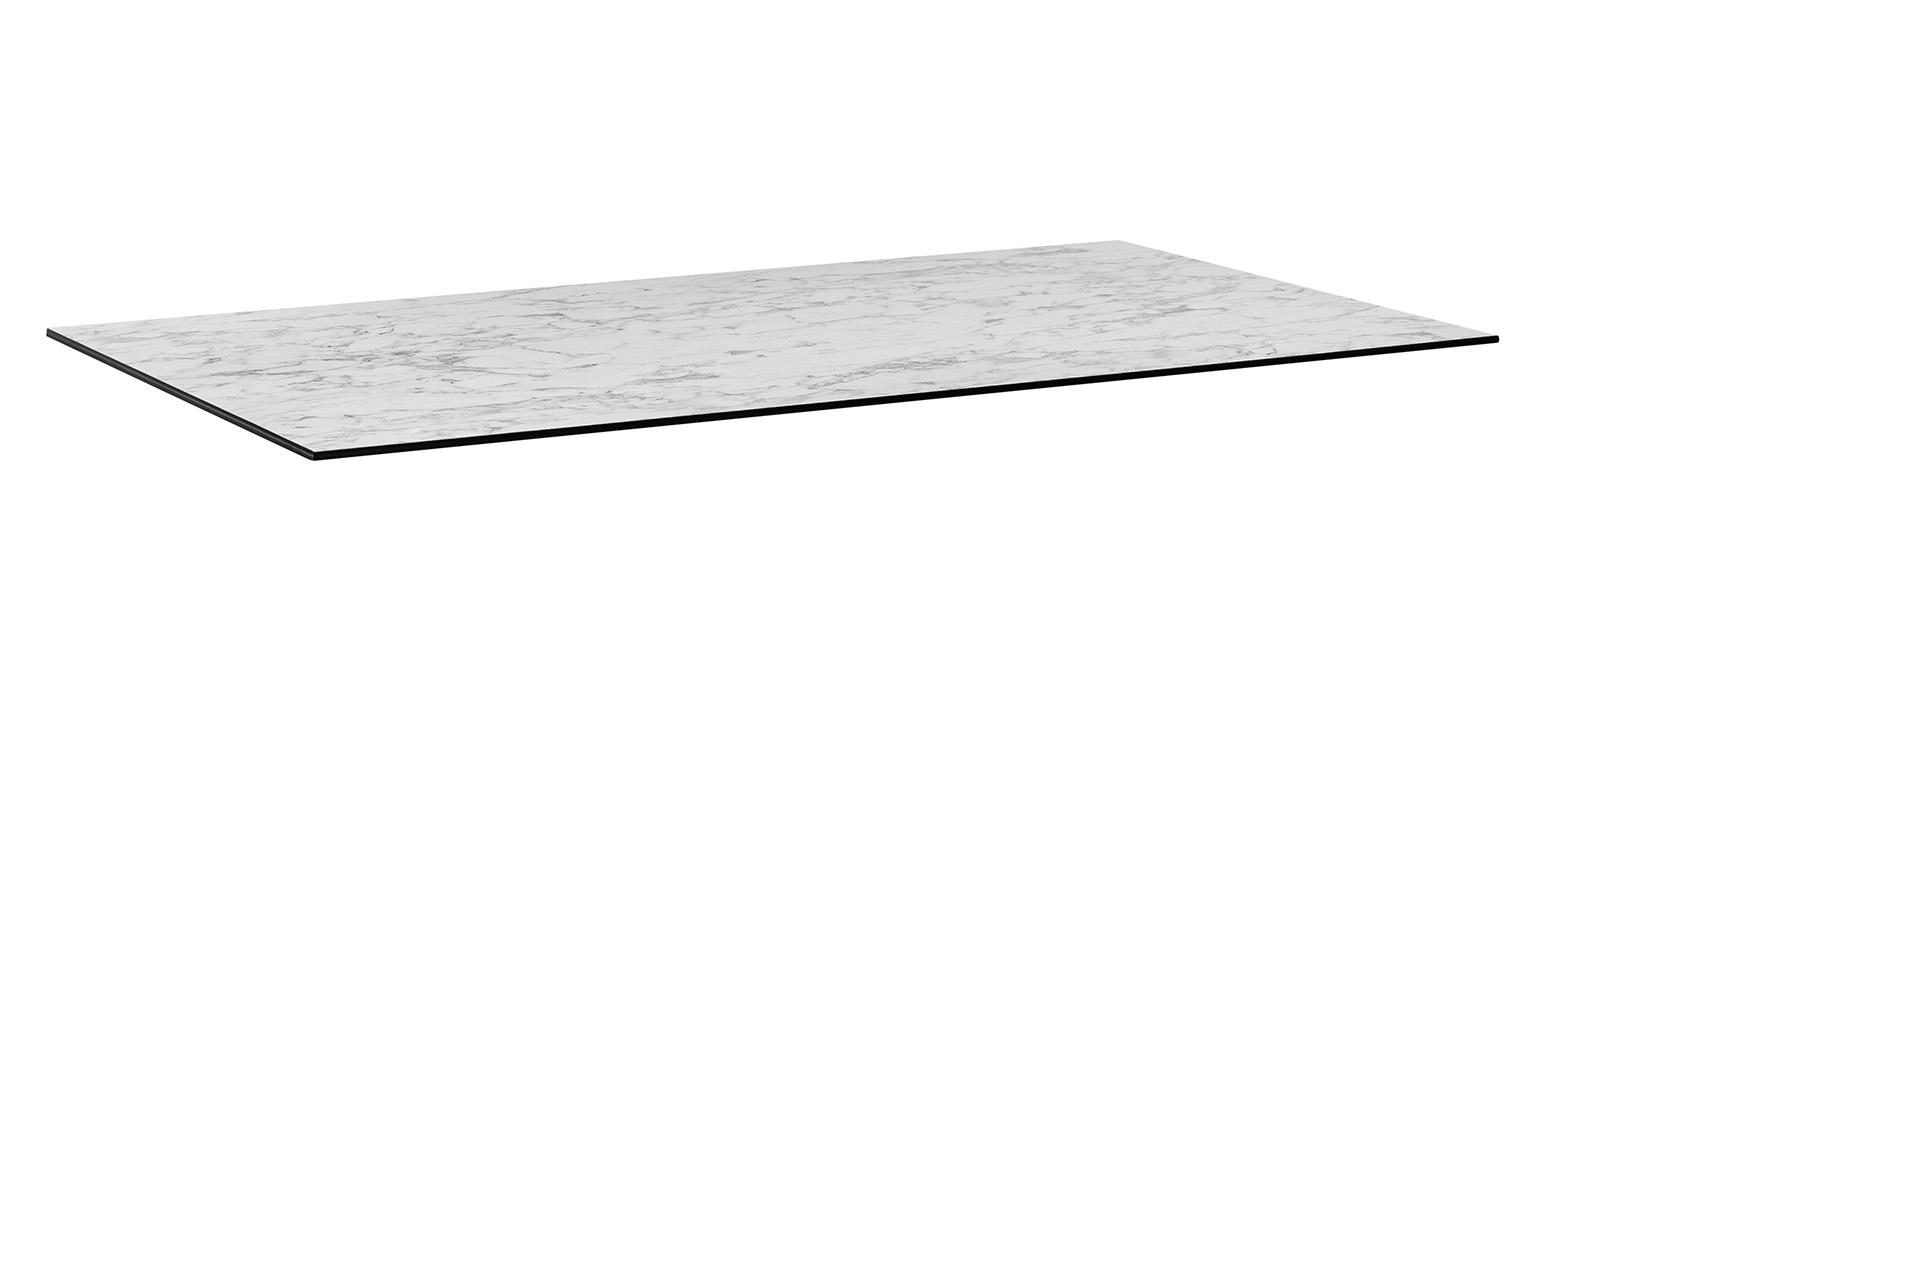 HPL Tischplatte 160 x 95 x 1,3 cm, Wing-Profil